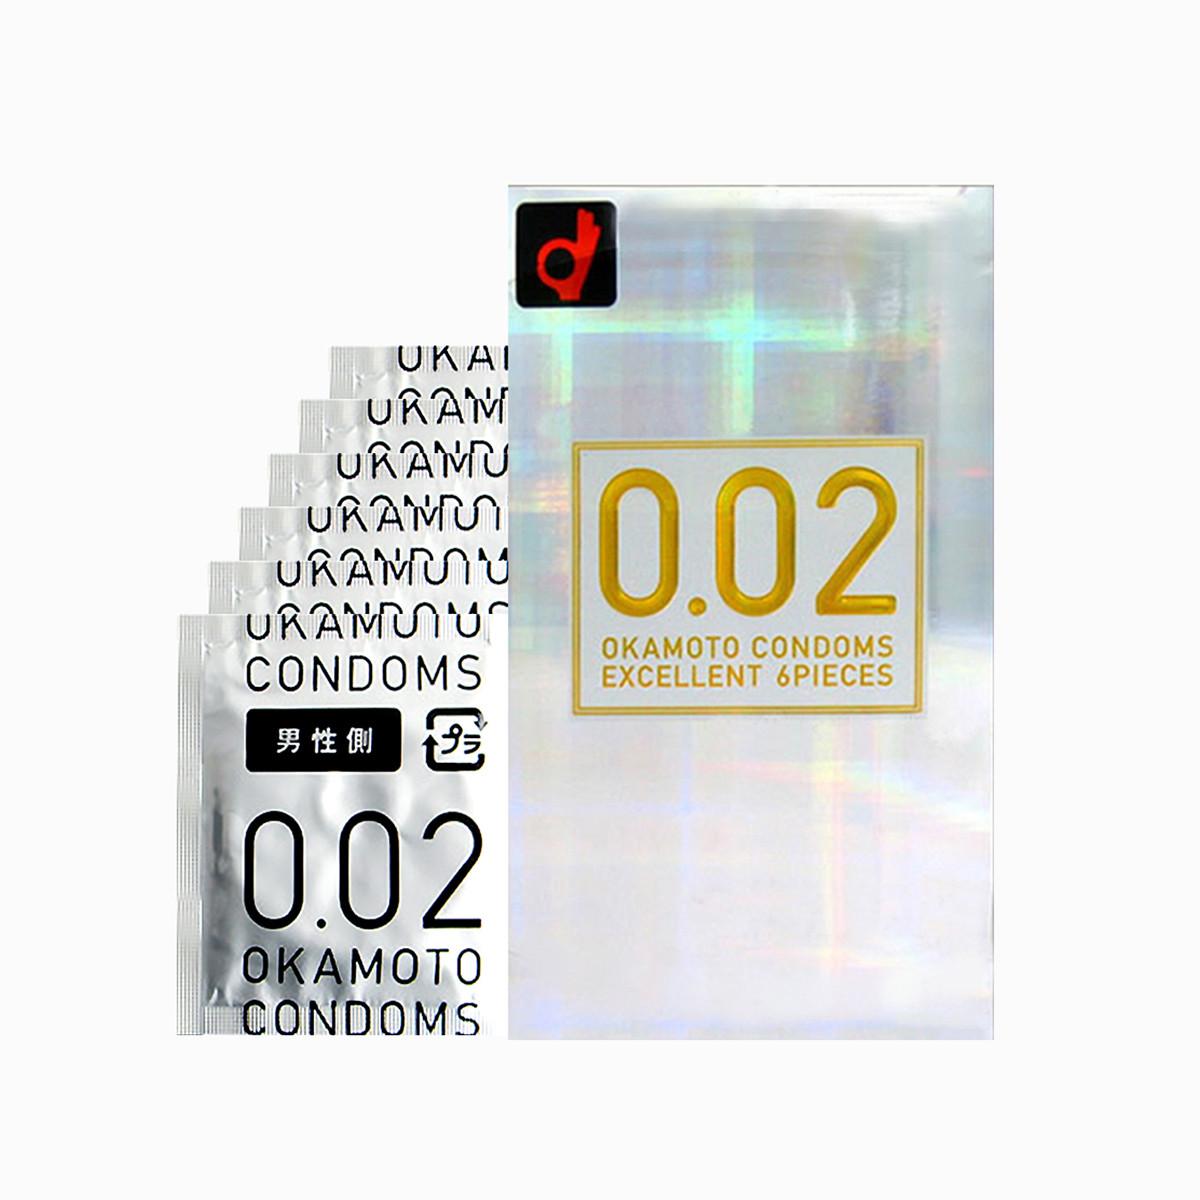 冈本日本本土版冈002白金超薄版避孕套6只装0.02mm4547691710499_唯品会